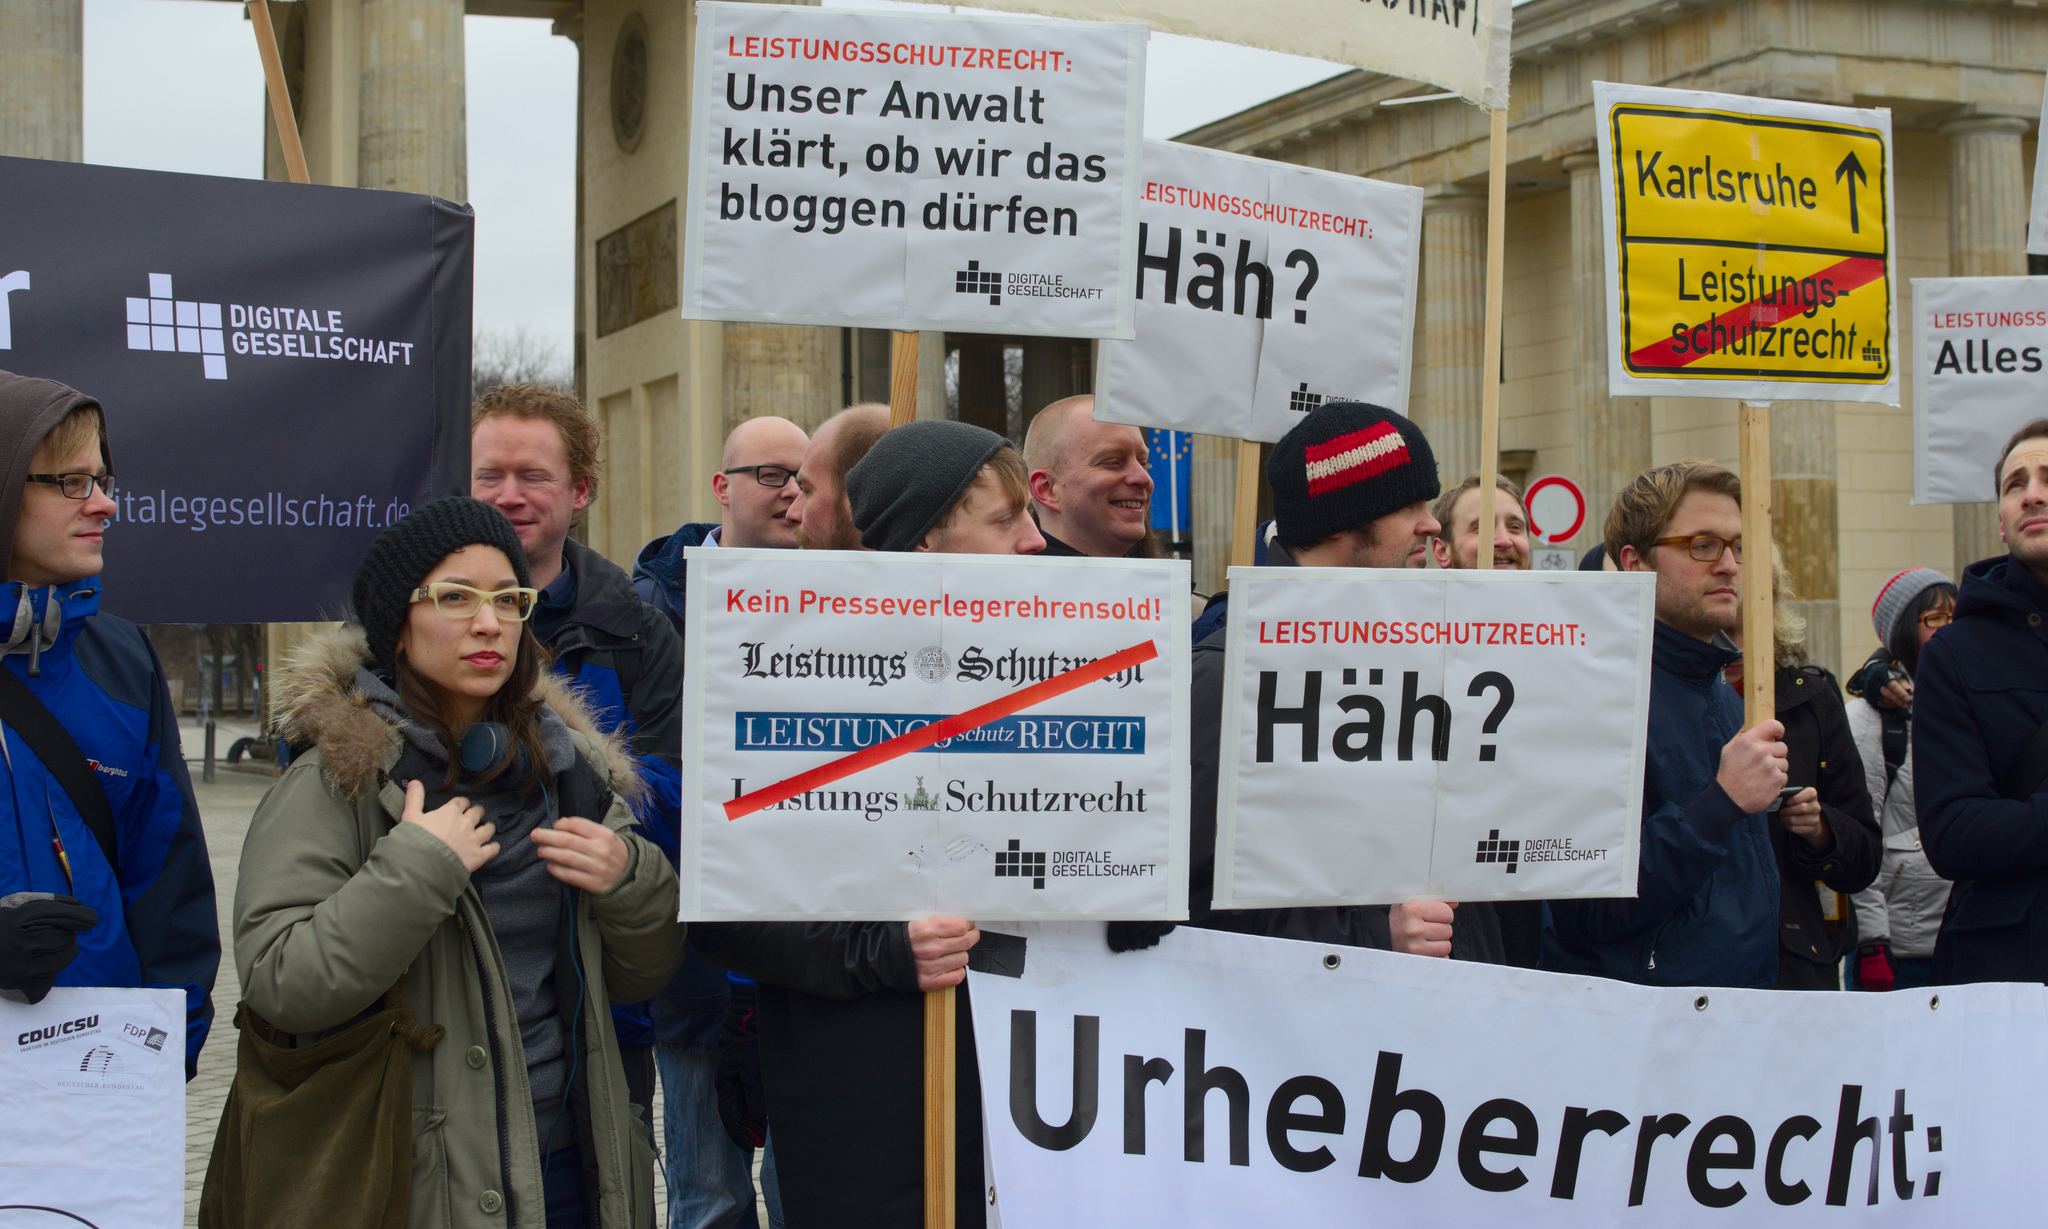 leistungsschutzrecht-protest